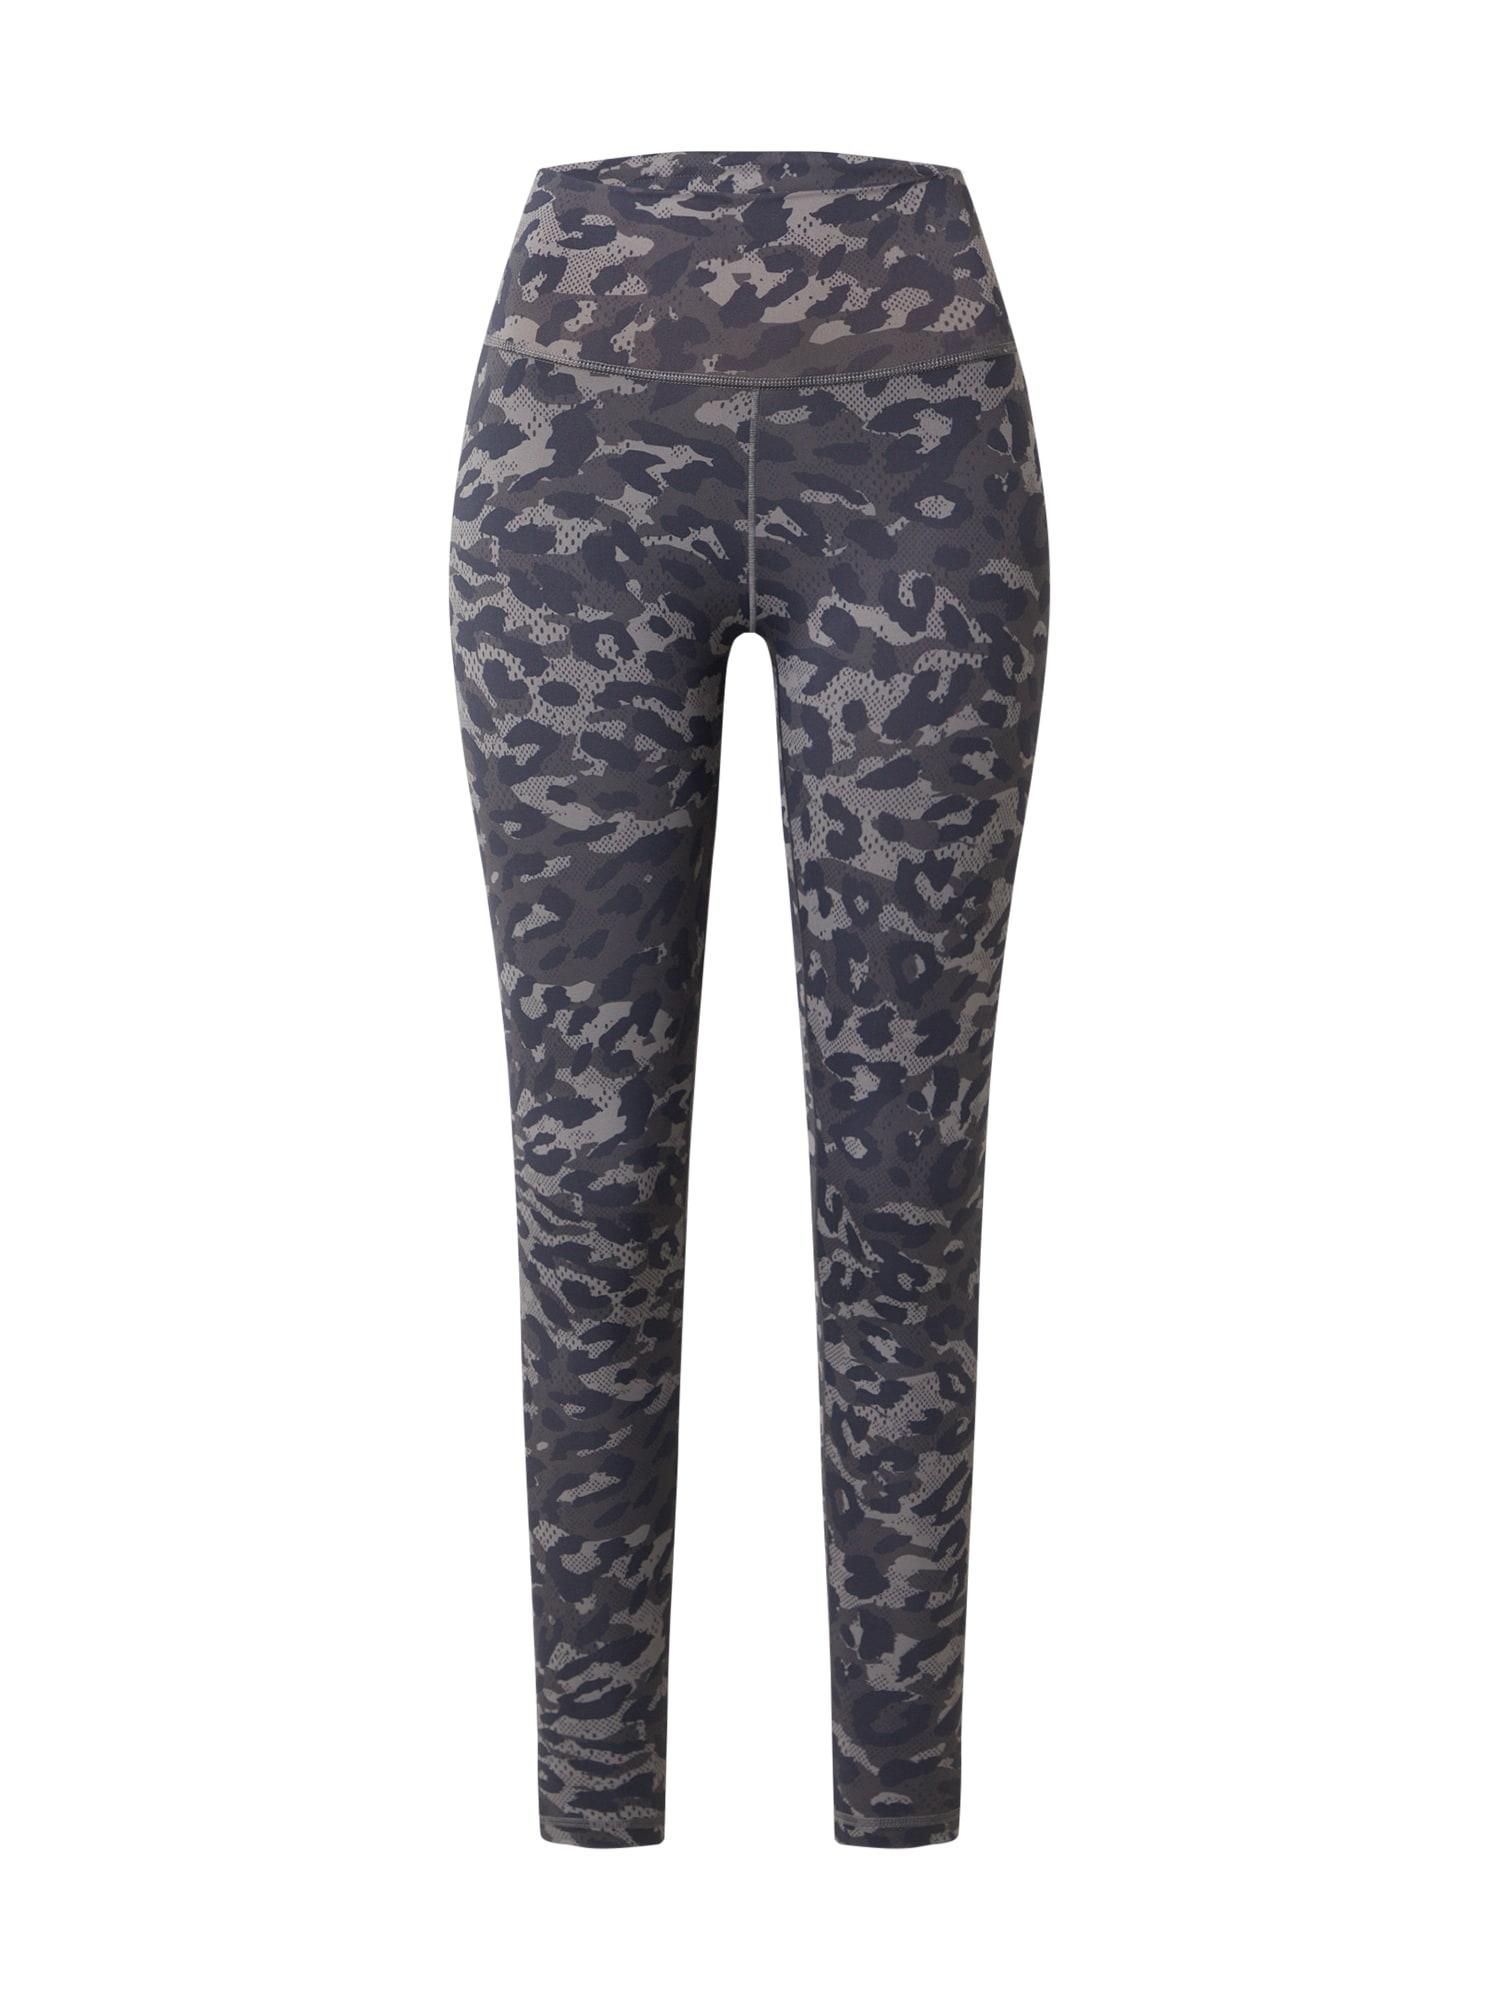 ADIDAS PERFORMANCE Sportovní kalhoty 'Believe This'  černá / tmavě šedá / šedá